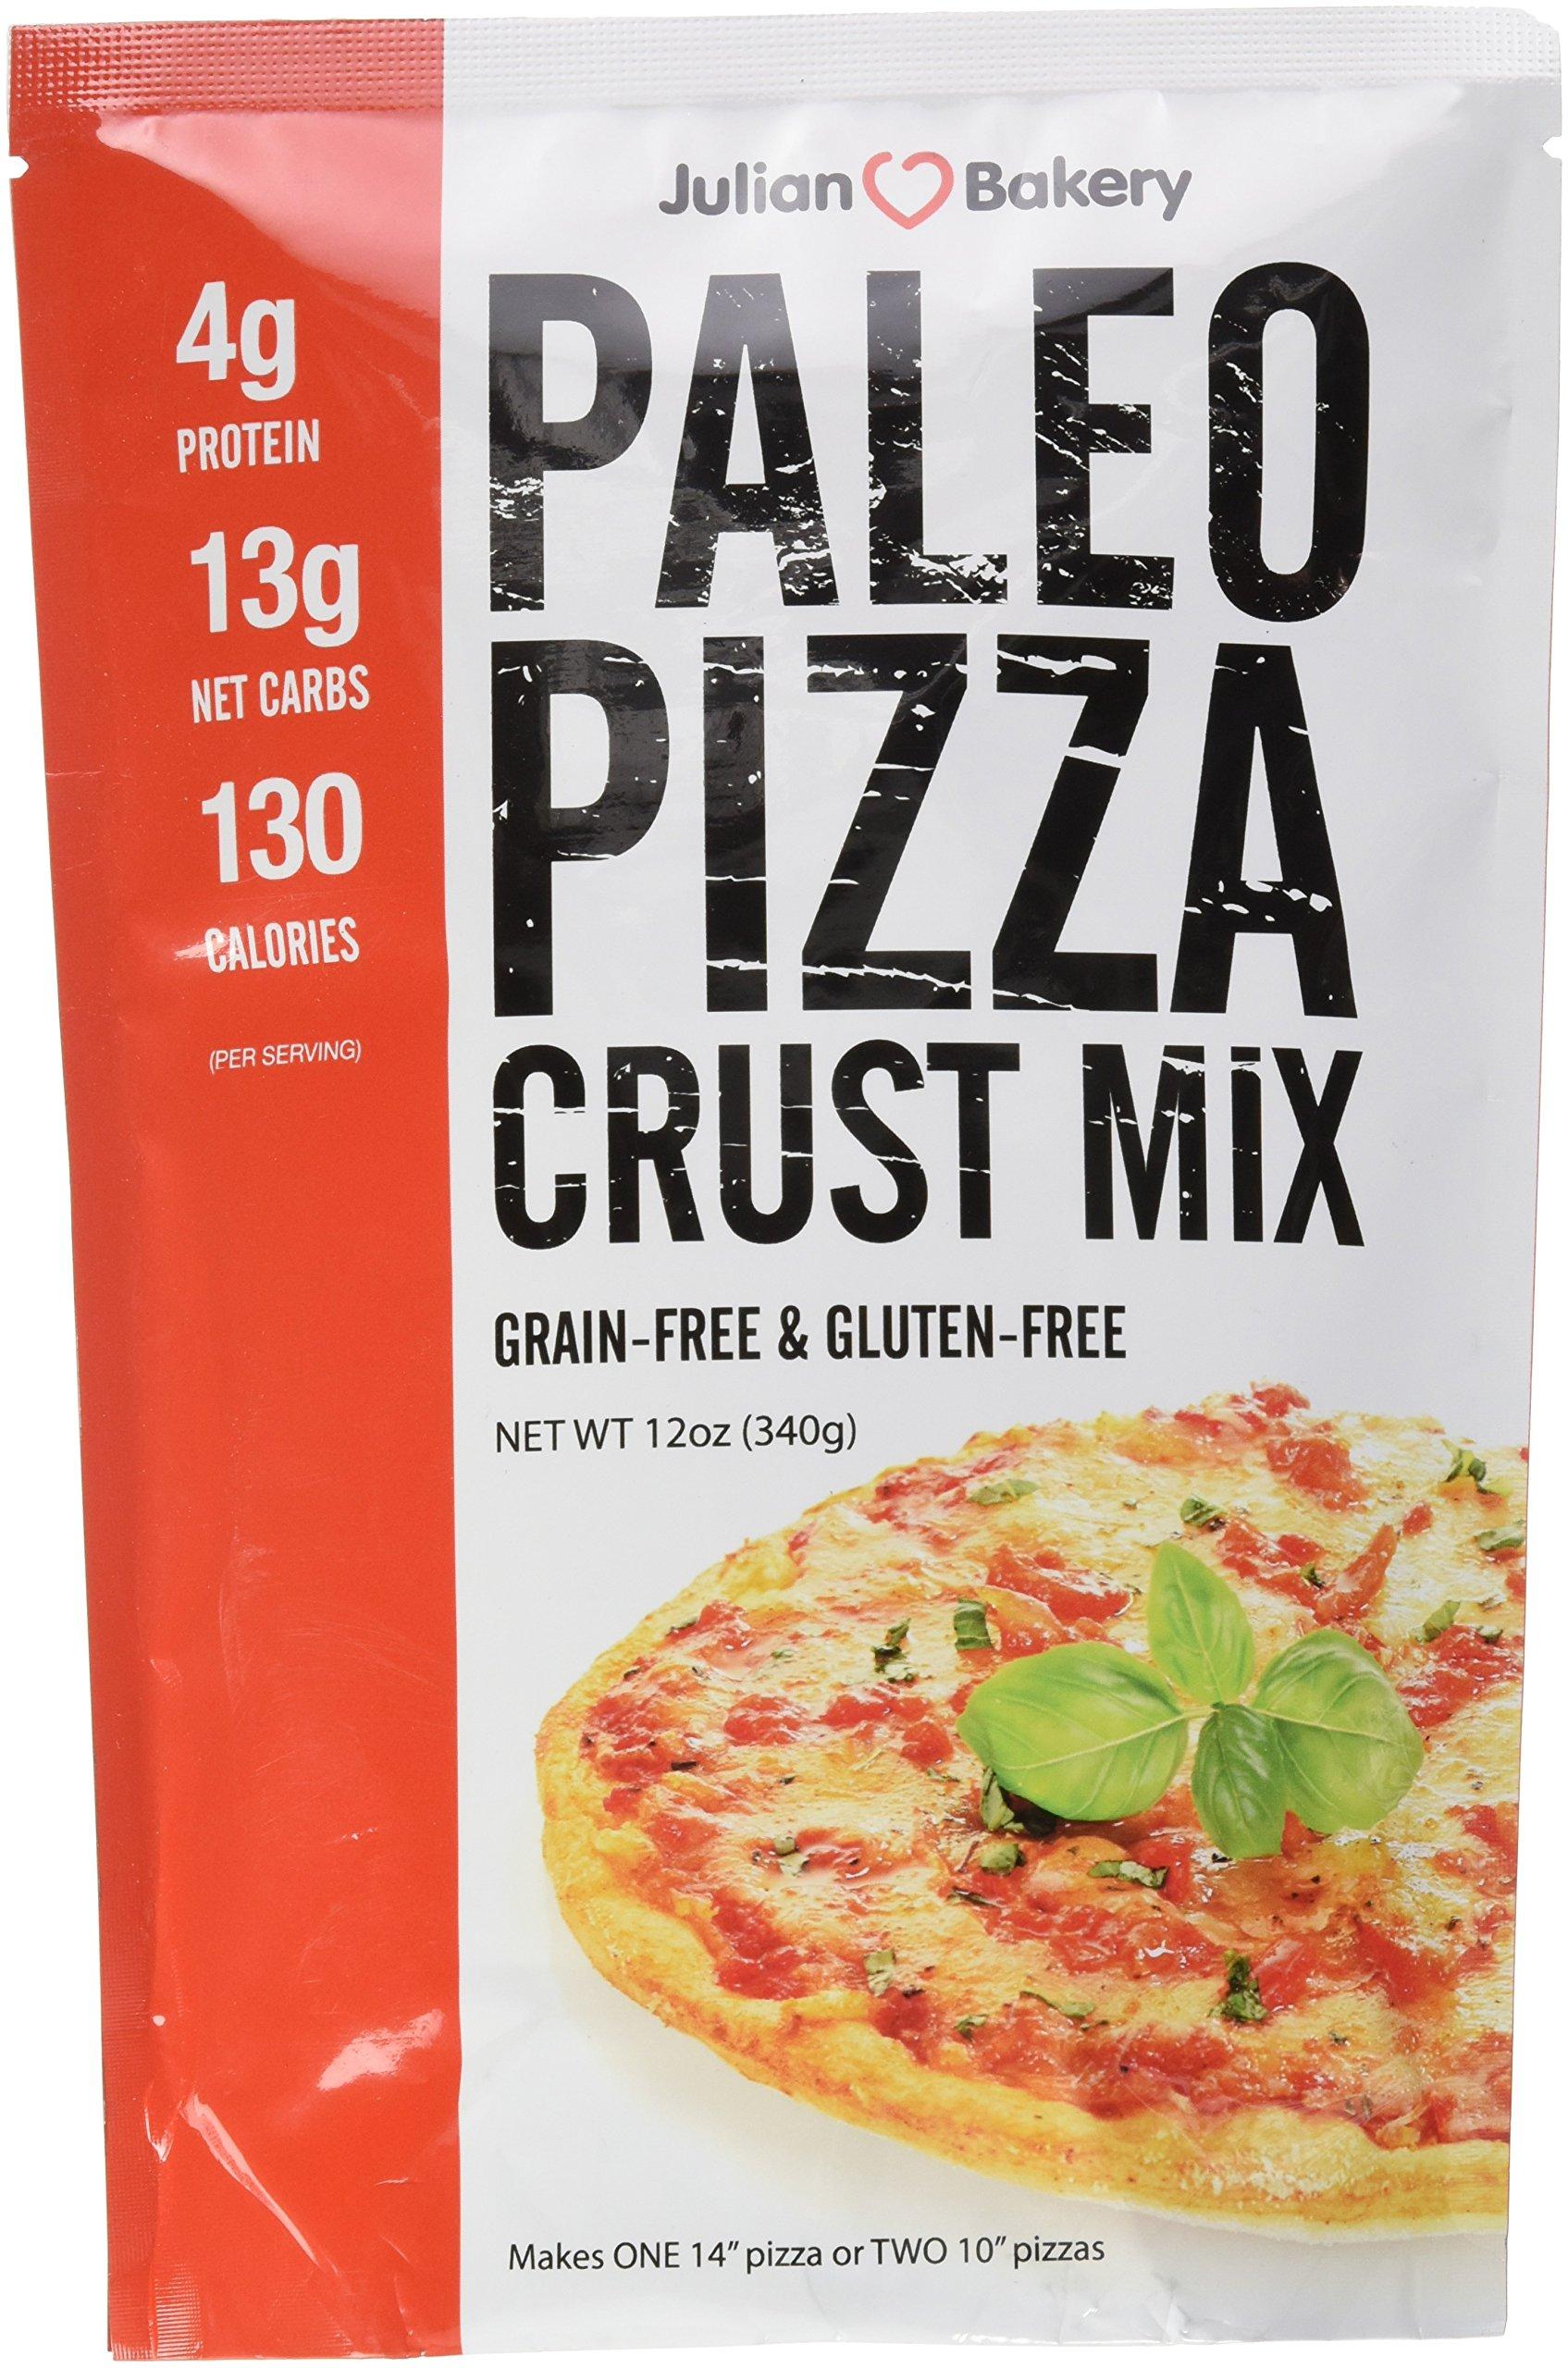 Julian Bakery Paleo Pizza Crust Mix, 12 oz